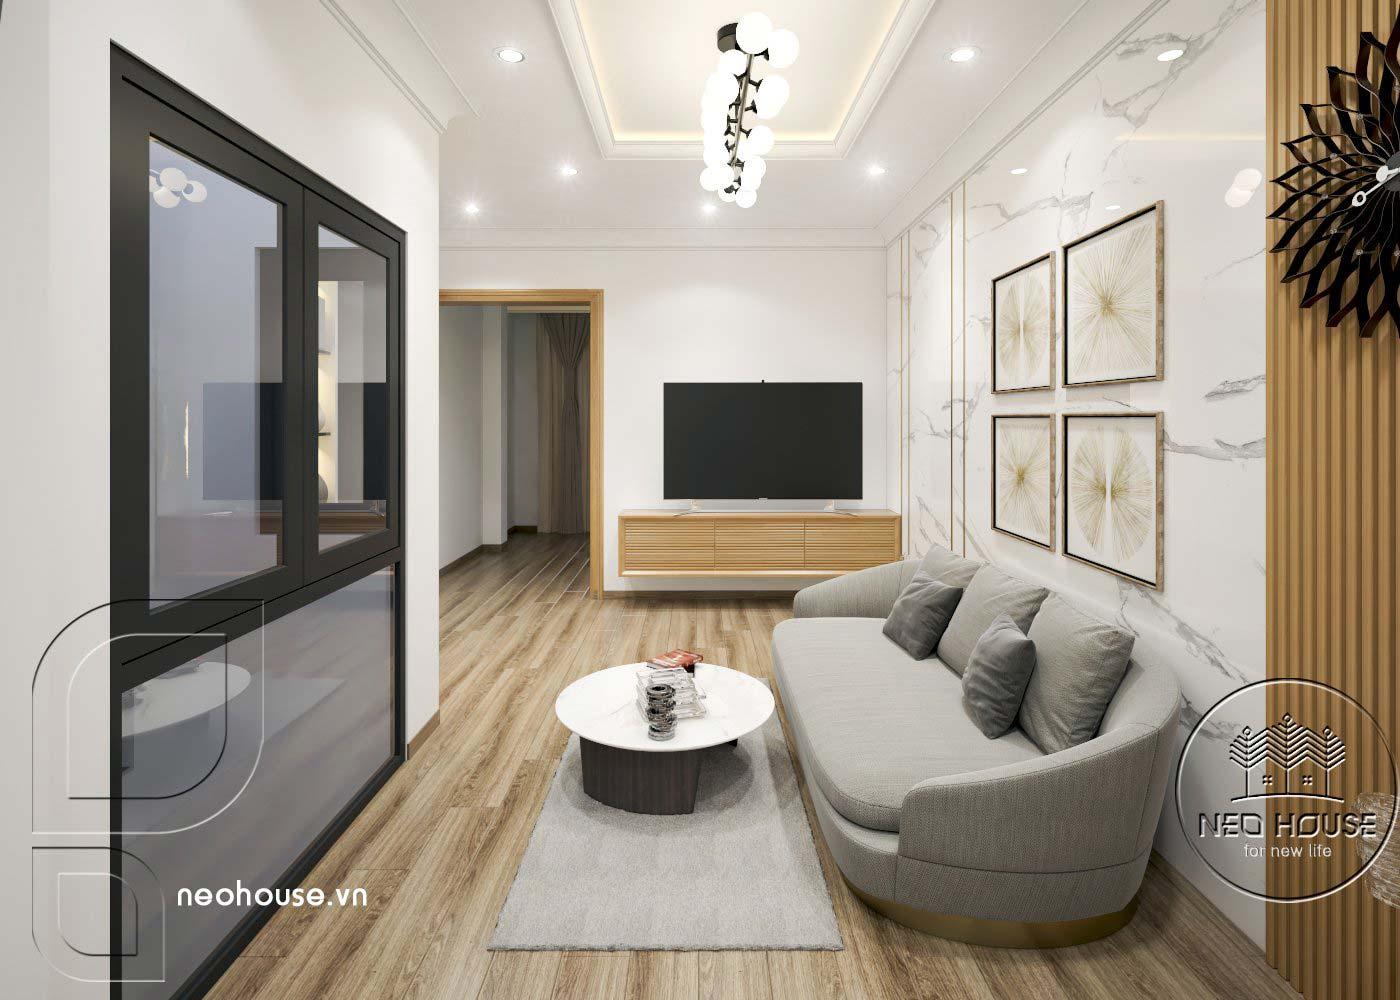 Thiết kế thi công cải tạo nhà phố 3 tầng với không gian nội thất phòng sinh hoạt chung. Ảnh 2